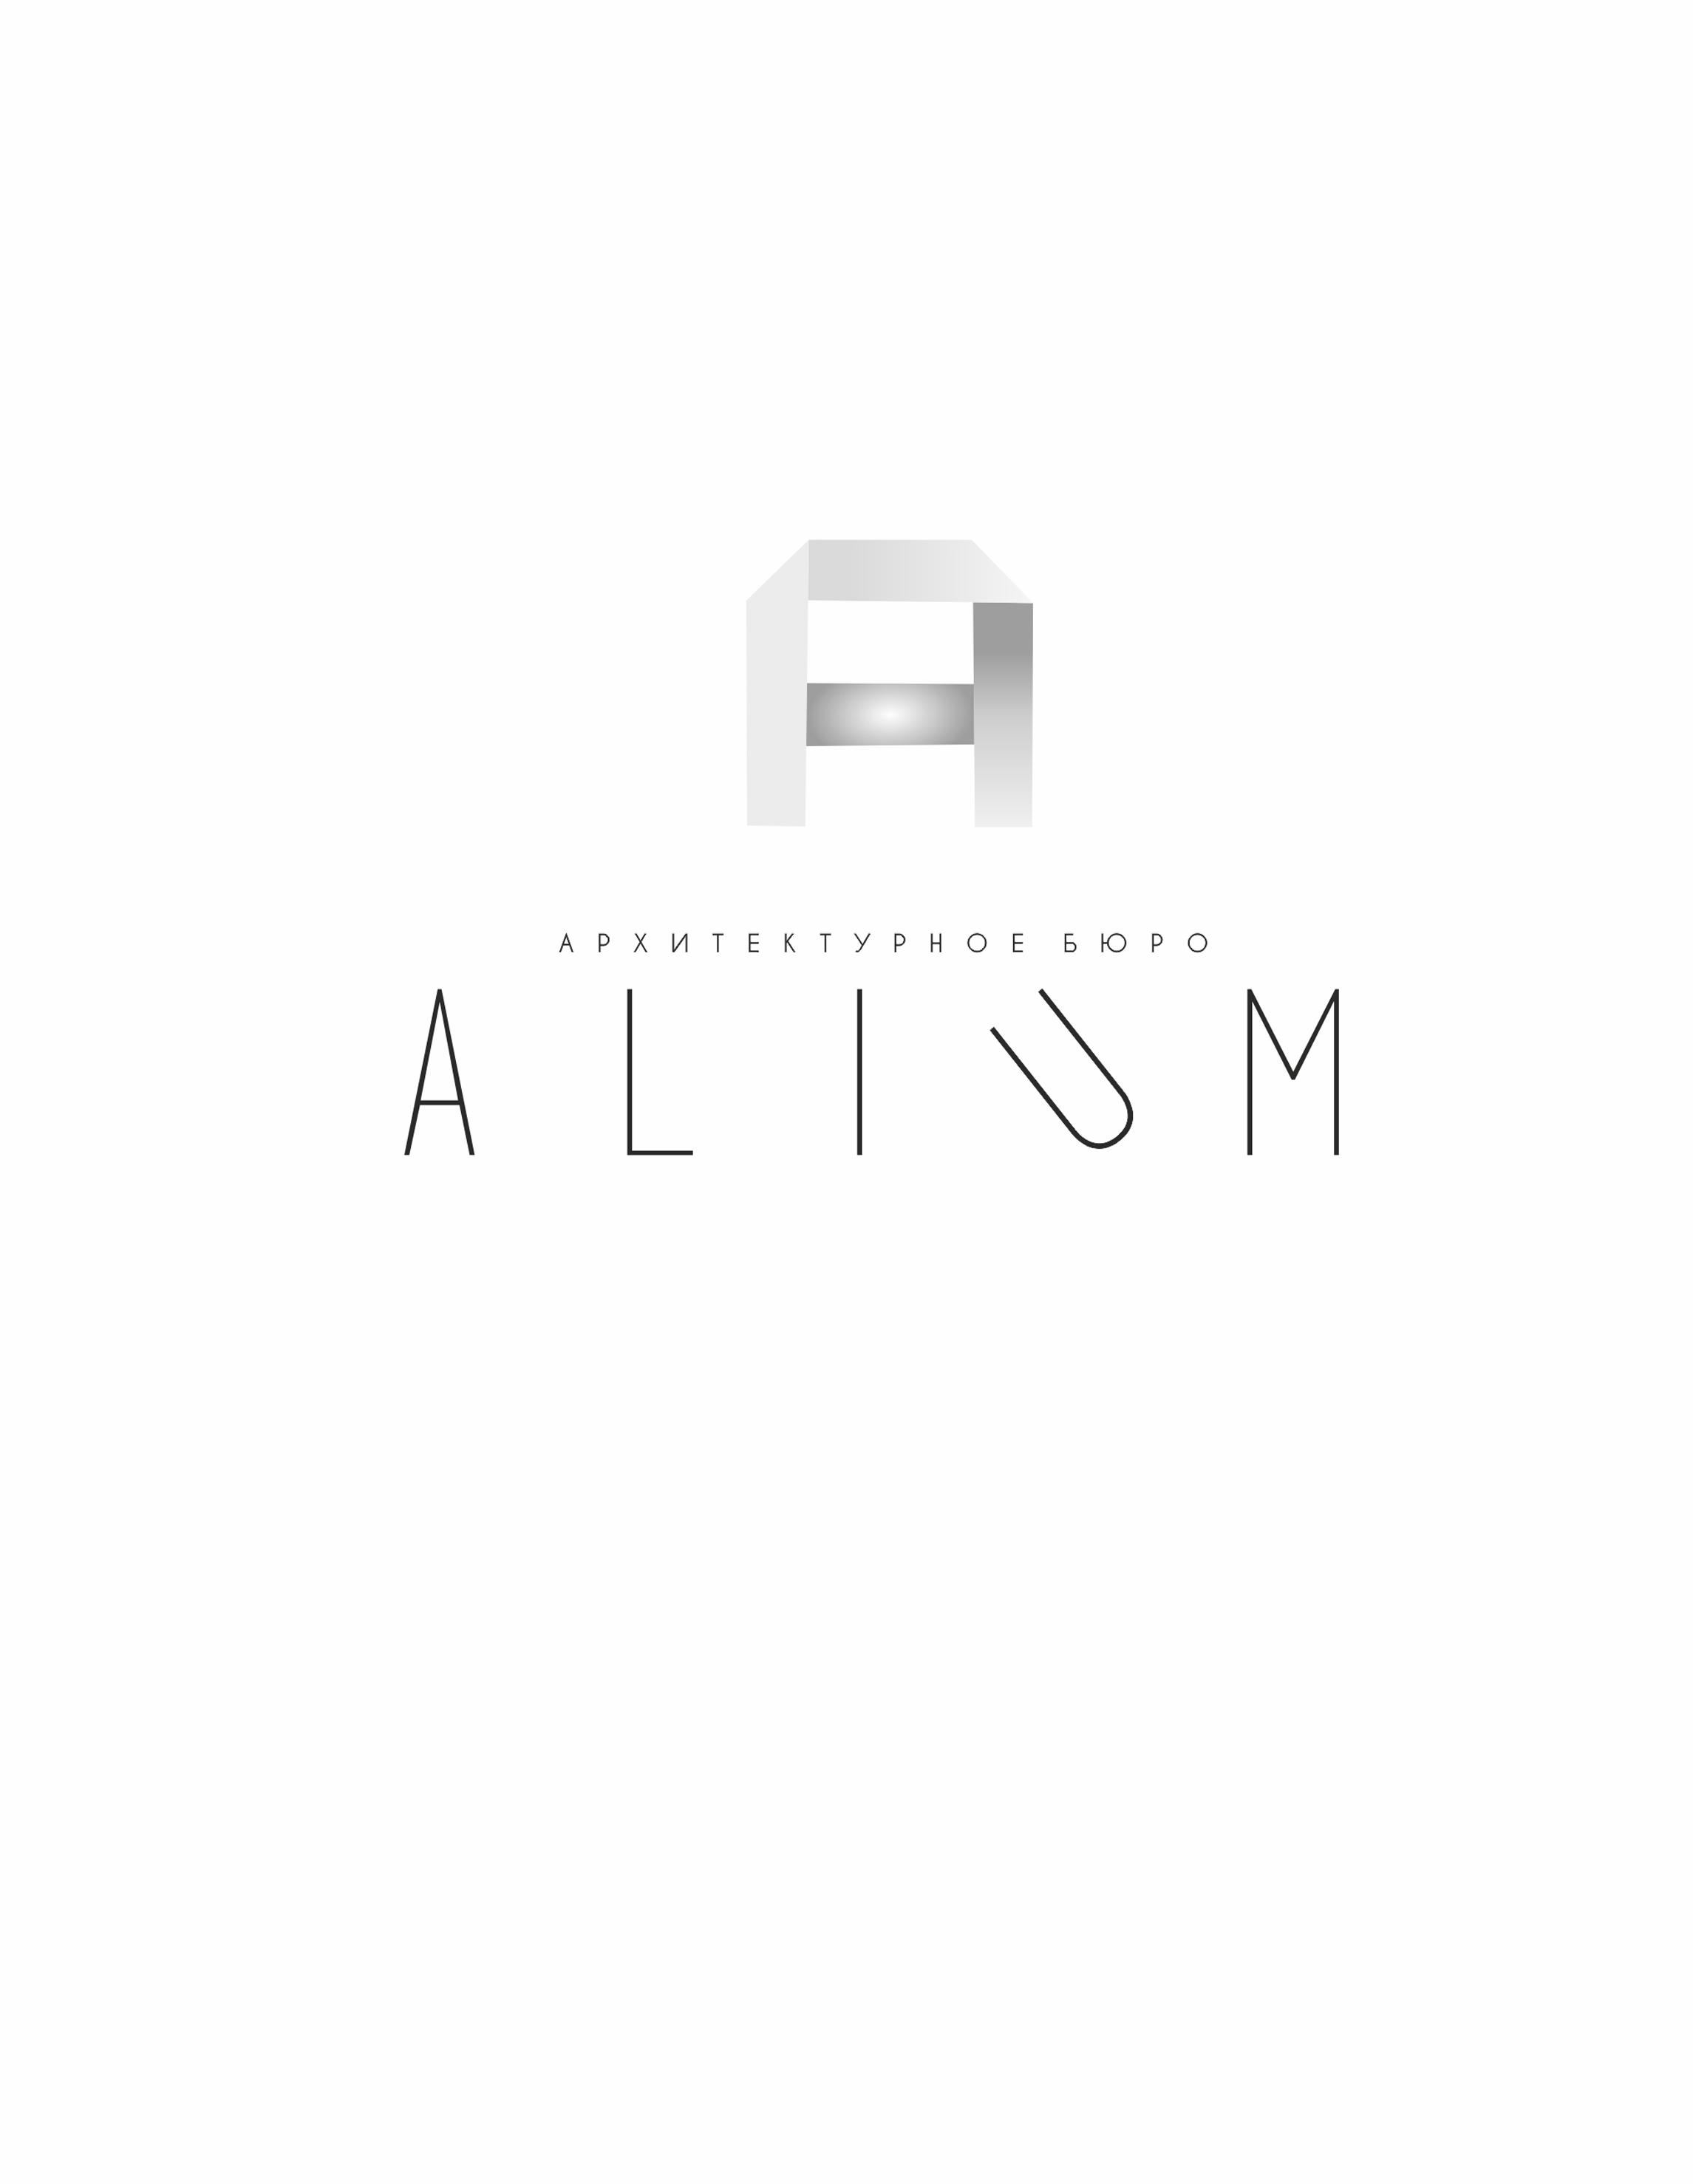 Логотип для дизайн студии фото f_68259de7ee0359d3.jpg